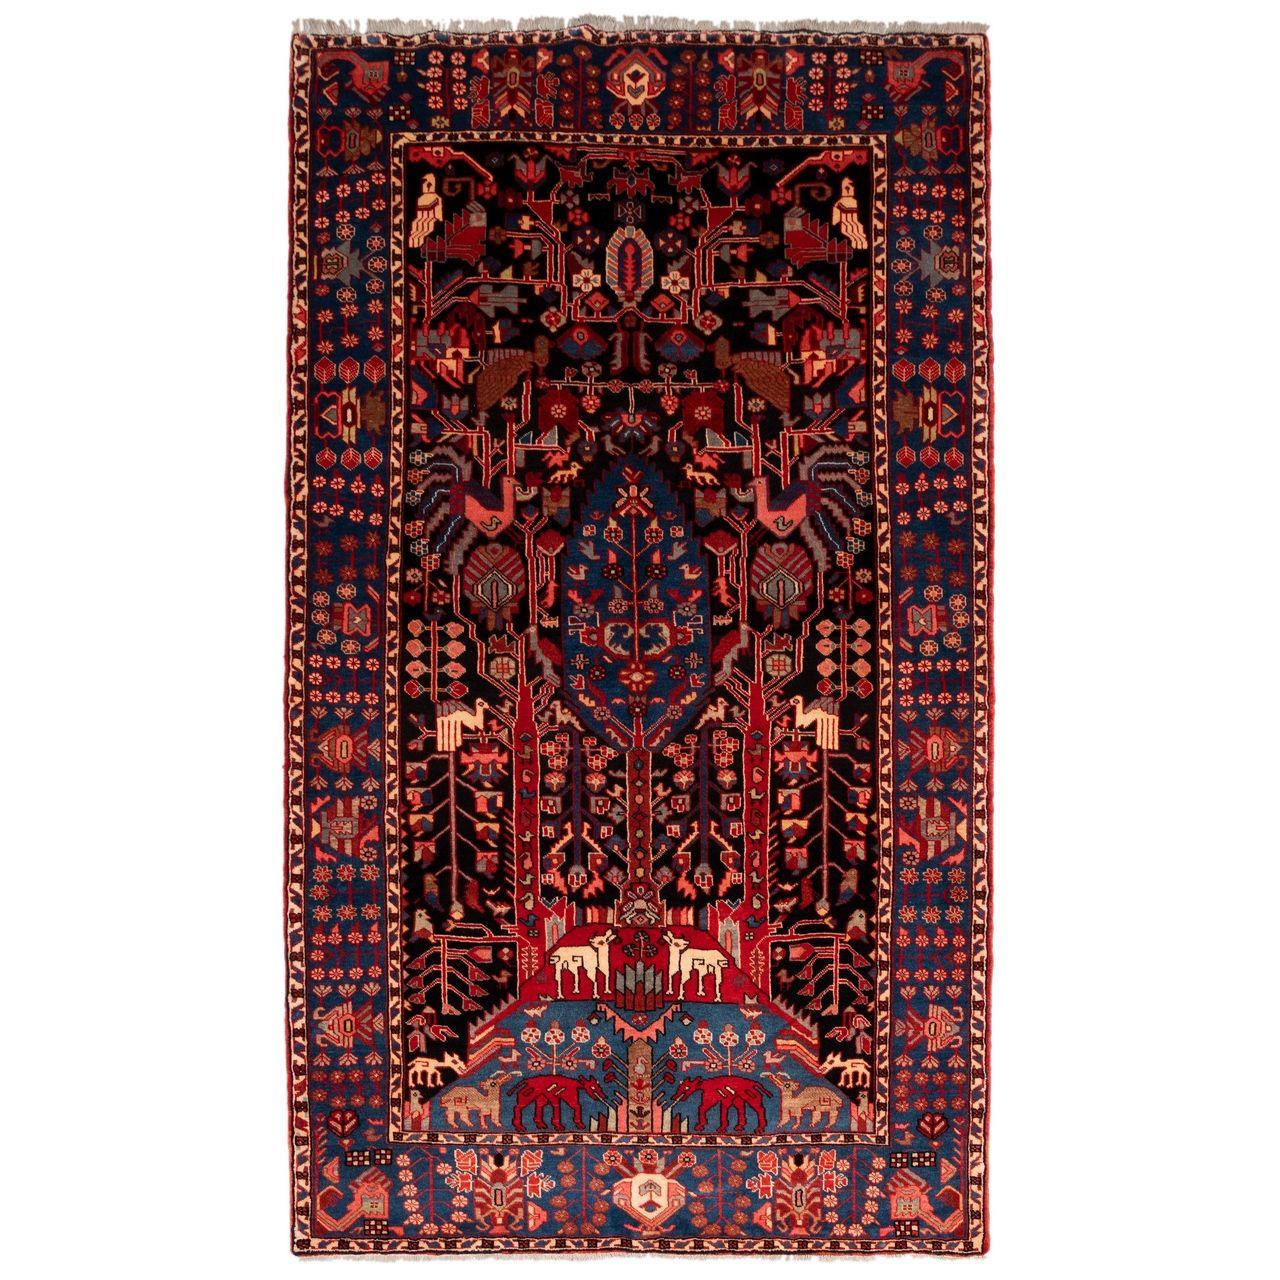 فرش دستباف چهار متری سی پرشیا کد 179116